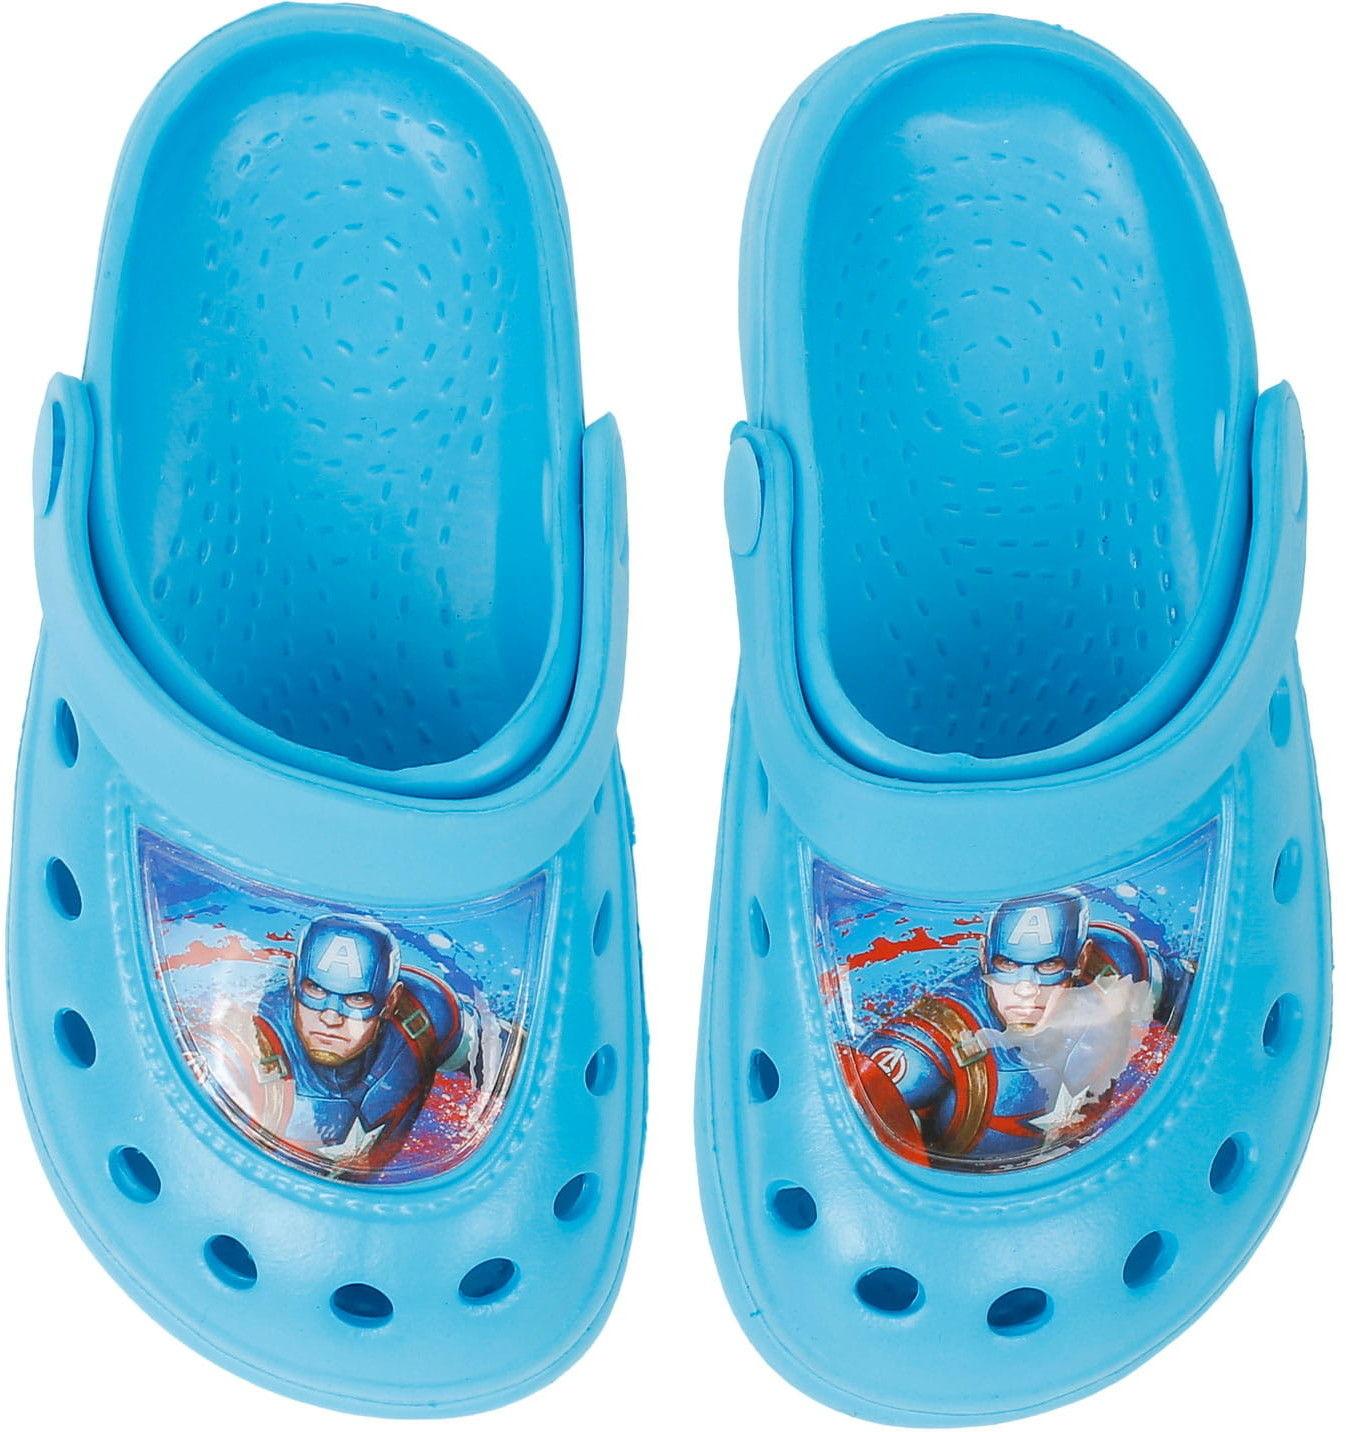 Klapki dla chłopca (Sandały) AVENGERS - kroksy, niebieskie